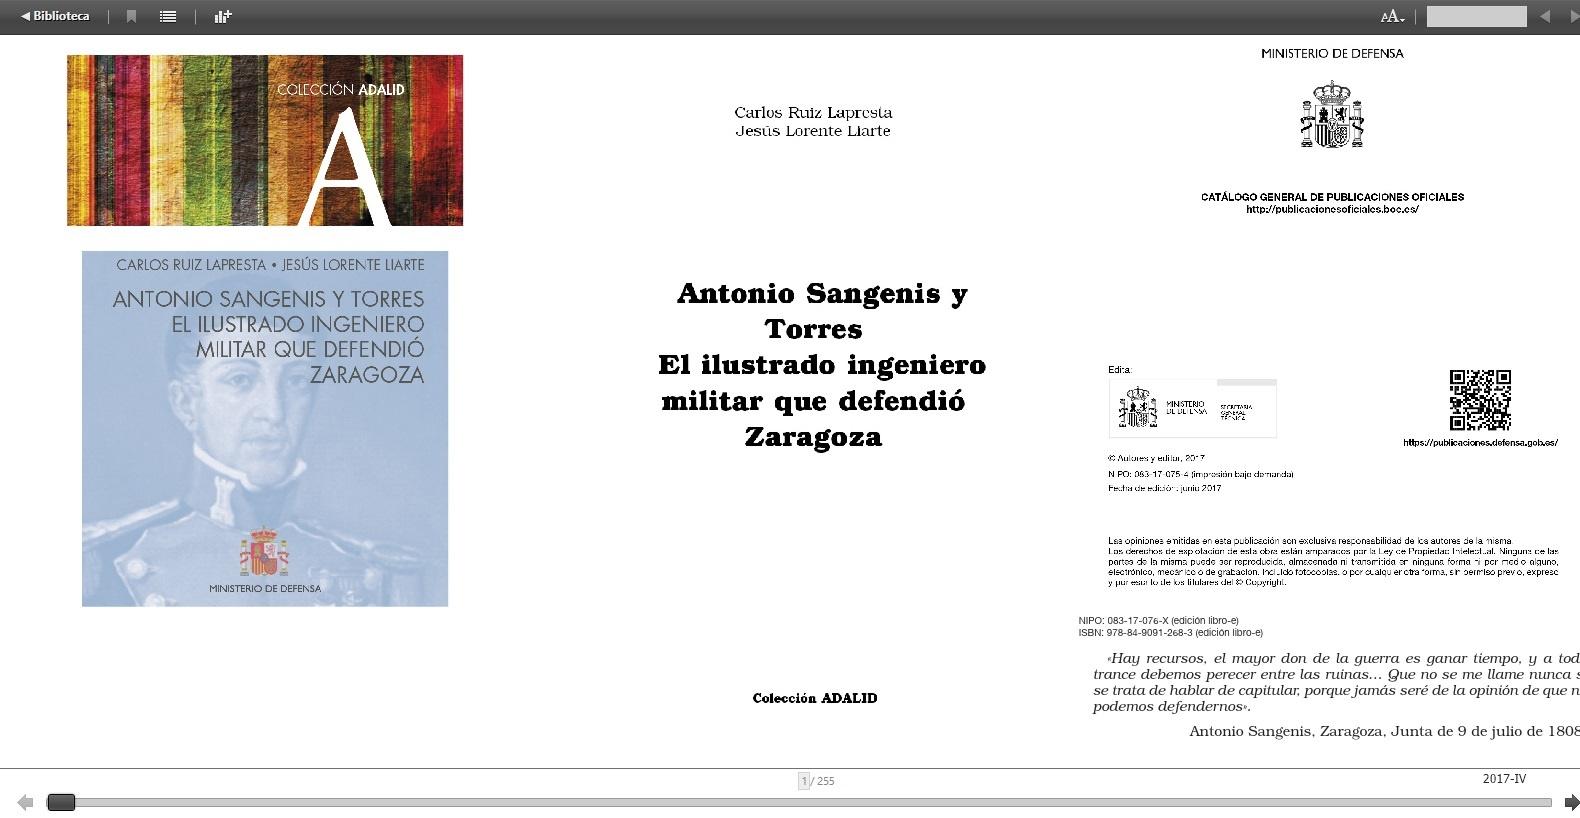 Cubierta de Antonio Sangenis y Torres: el ilustrado ingeniero militar que defendió Zaragoza